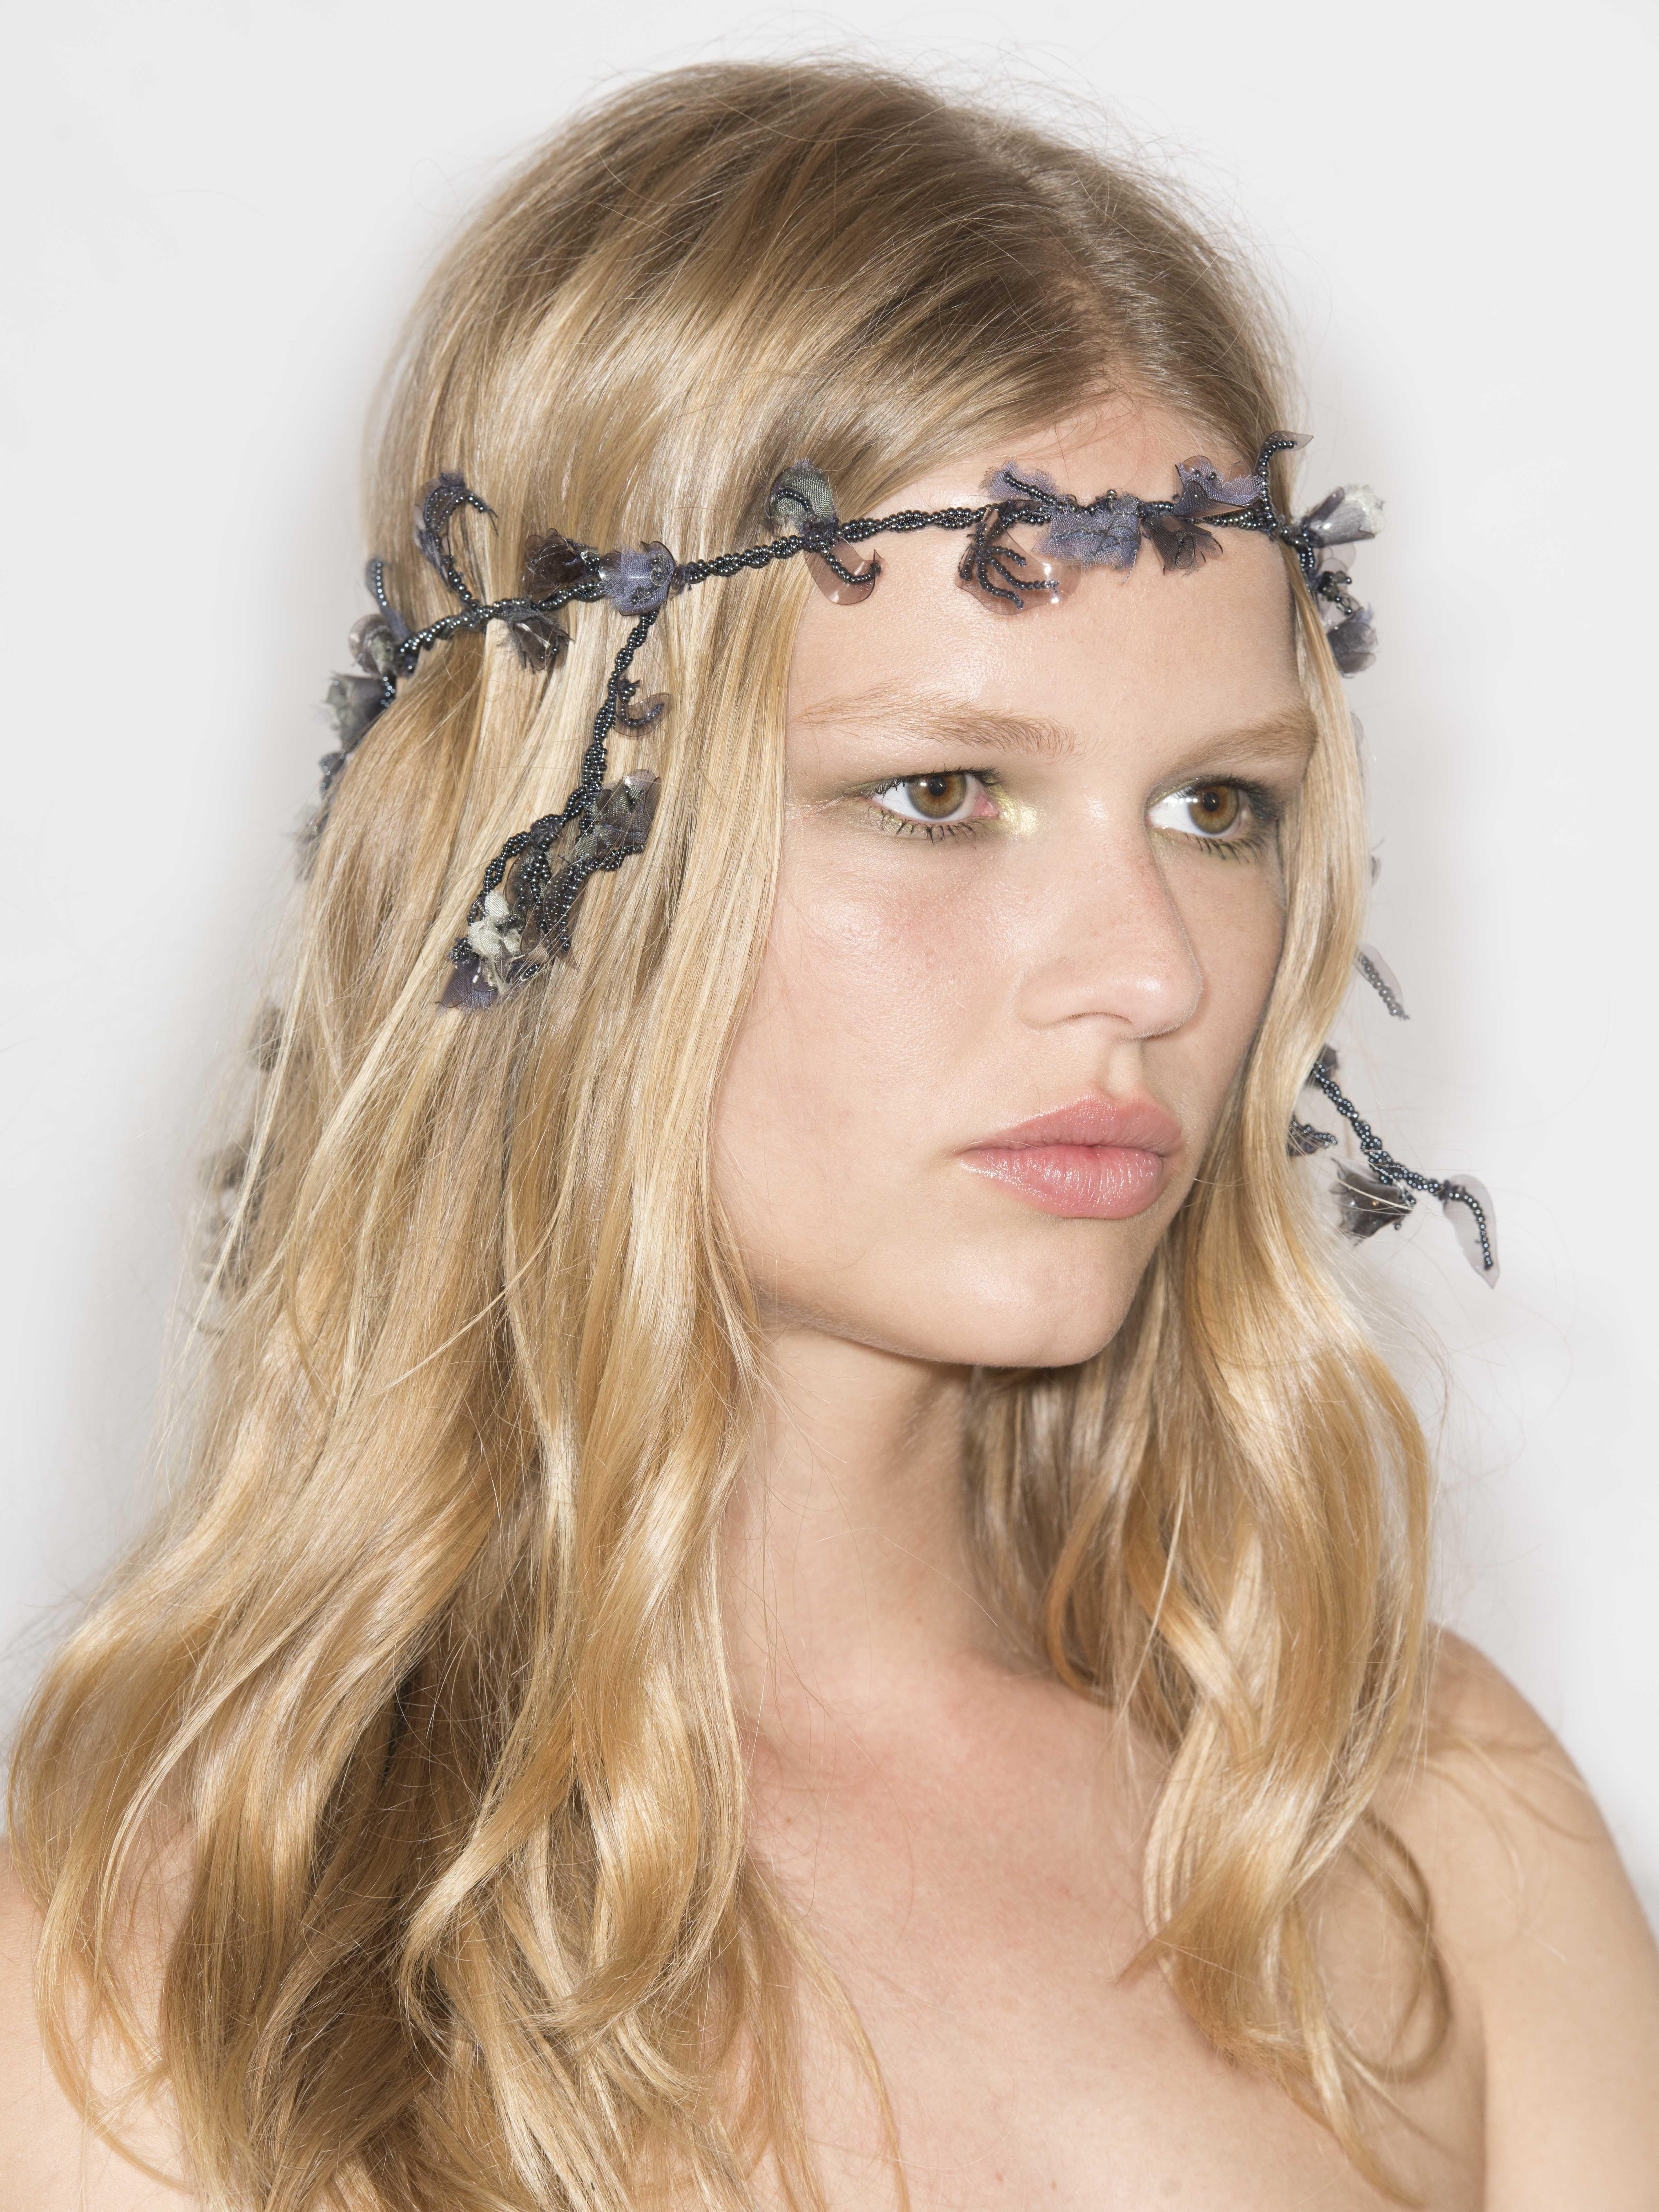 Versace Atelier Beauty HC AW13 | Wide set eyes, Skin